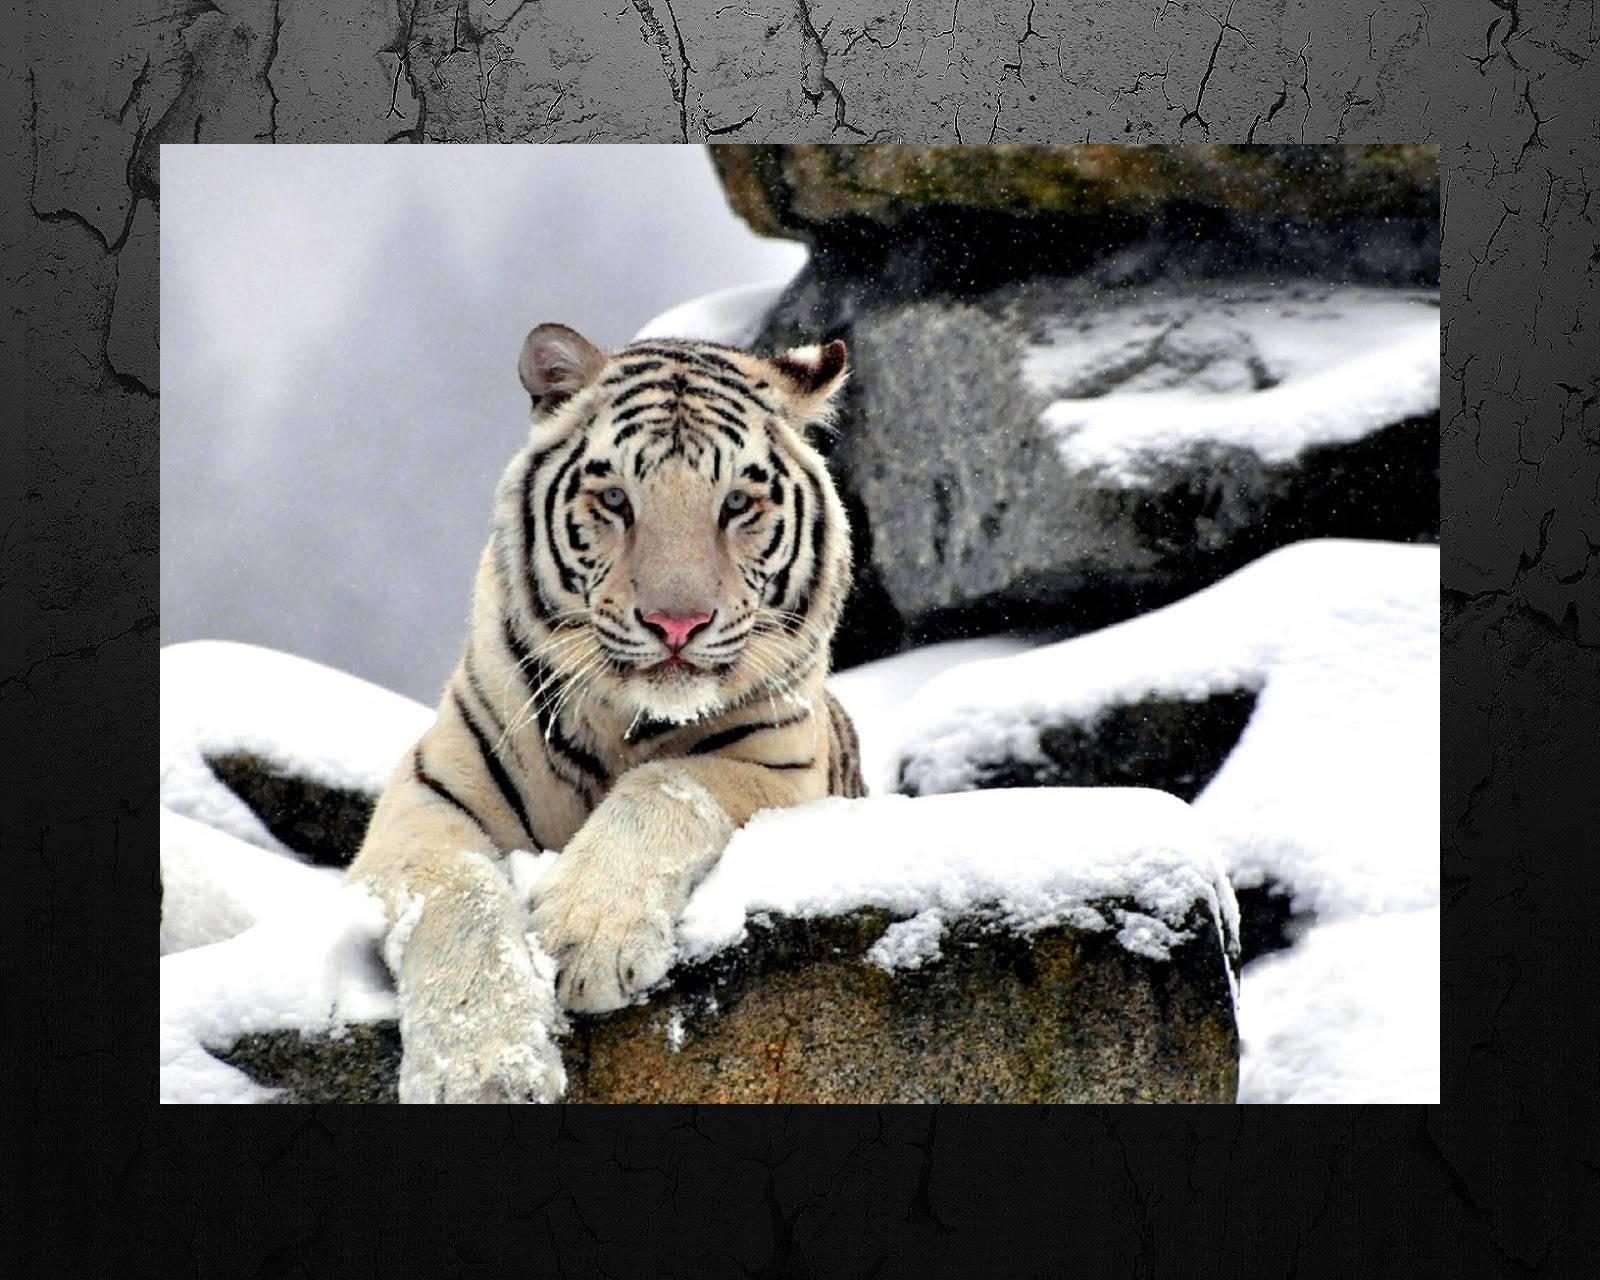 Xmas tiger